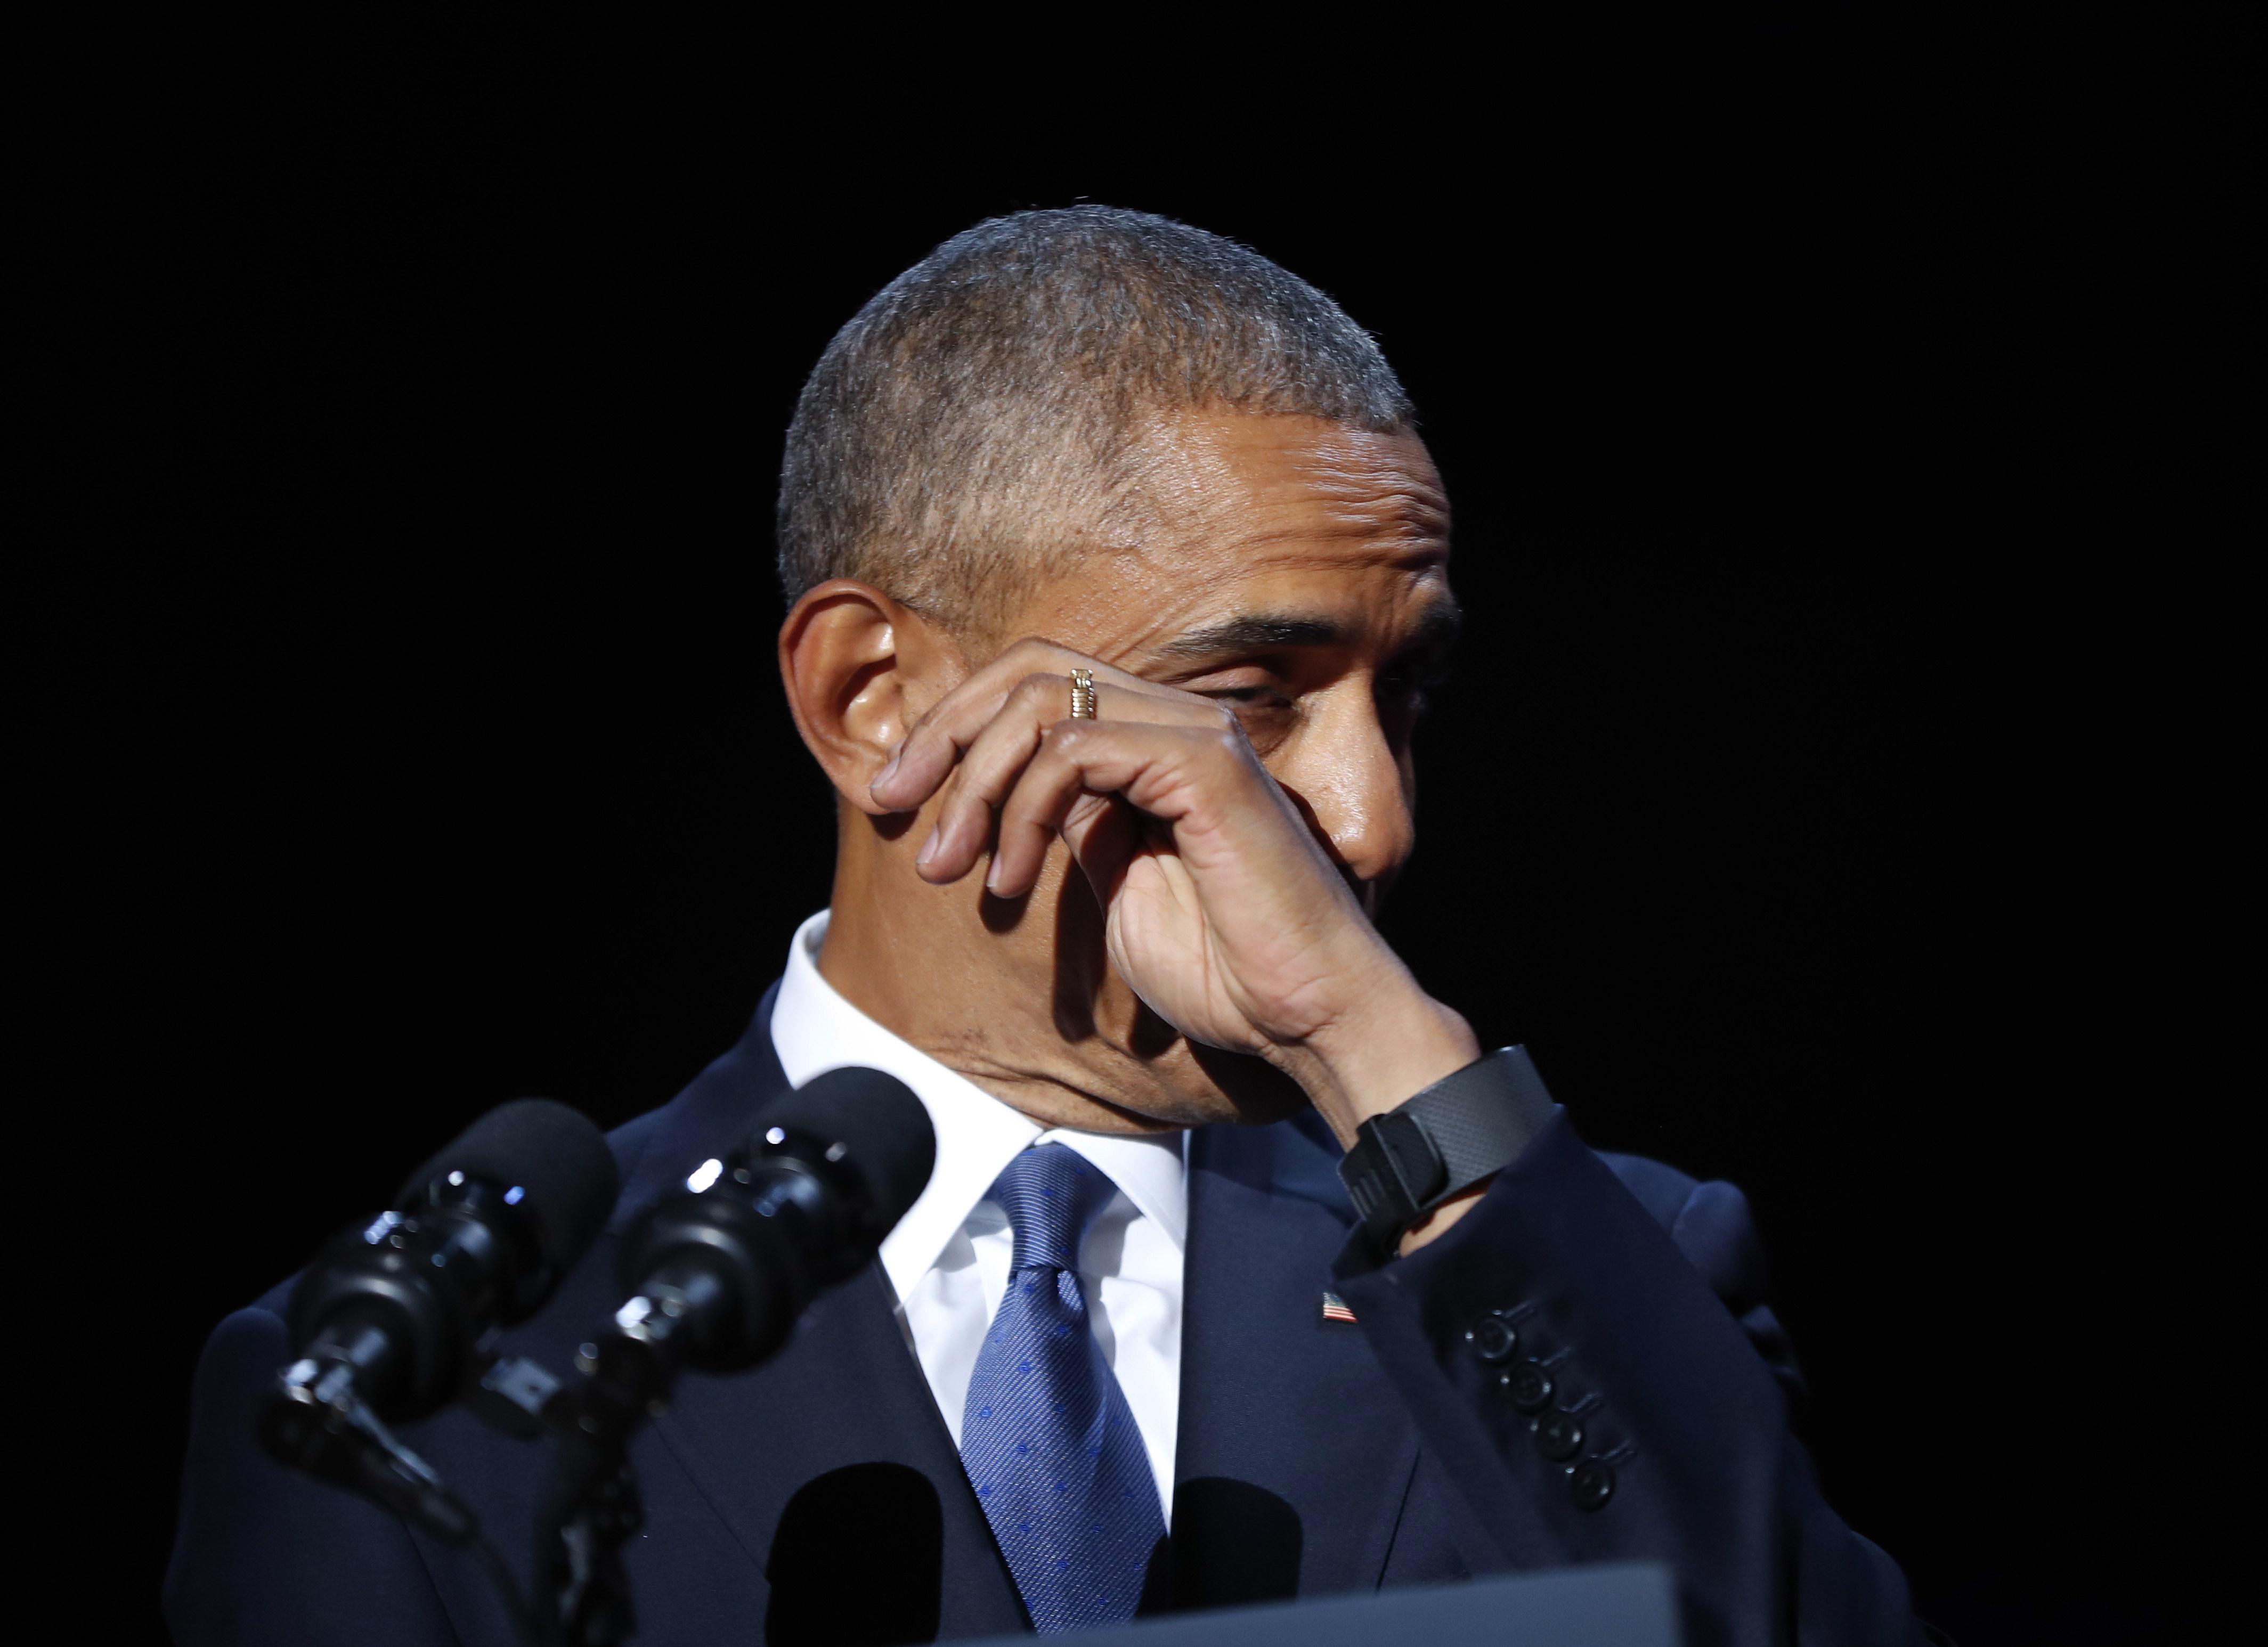 Uno de los momentos más emotivos del discurso,Barack Obama se limpia una lágrima cuando le dirigió unas palabras a su esposa, Michelle (AP)